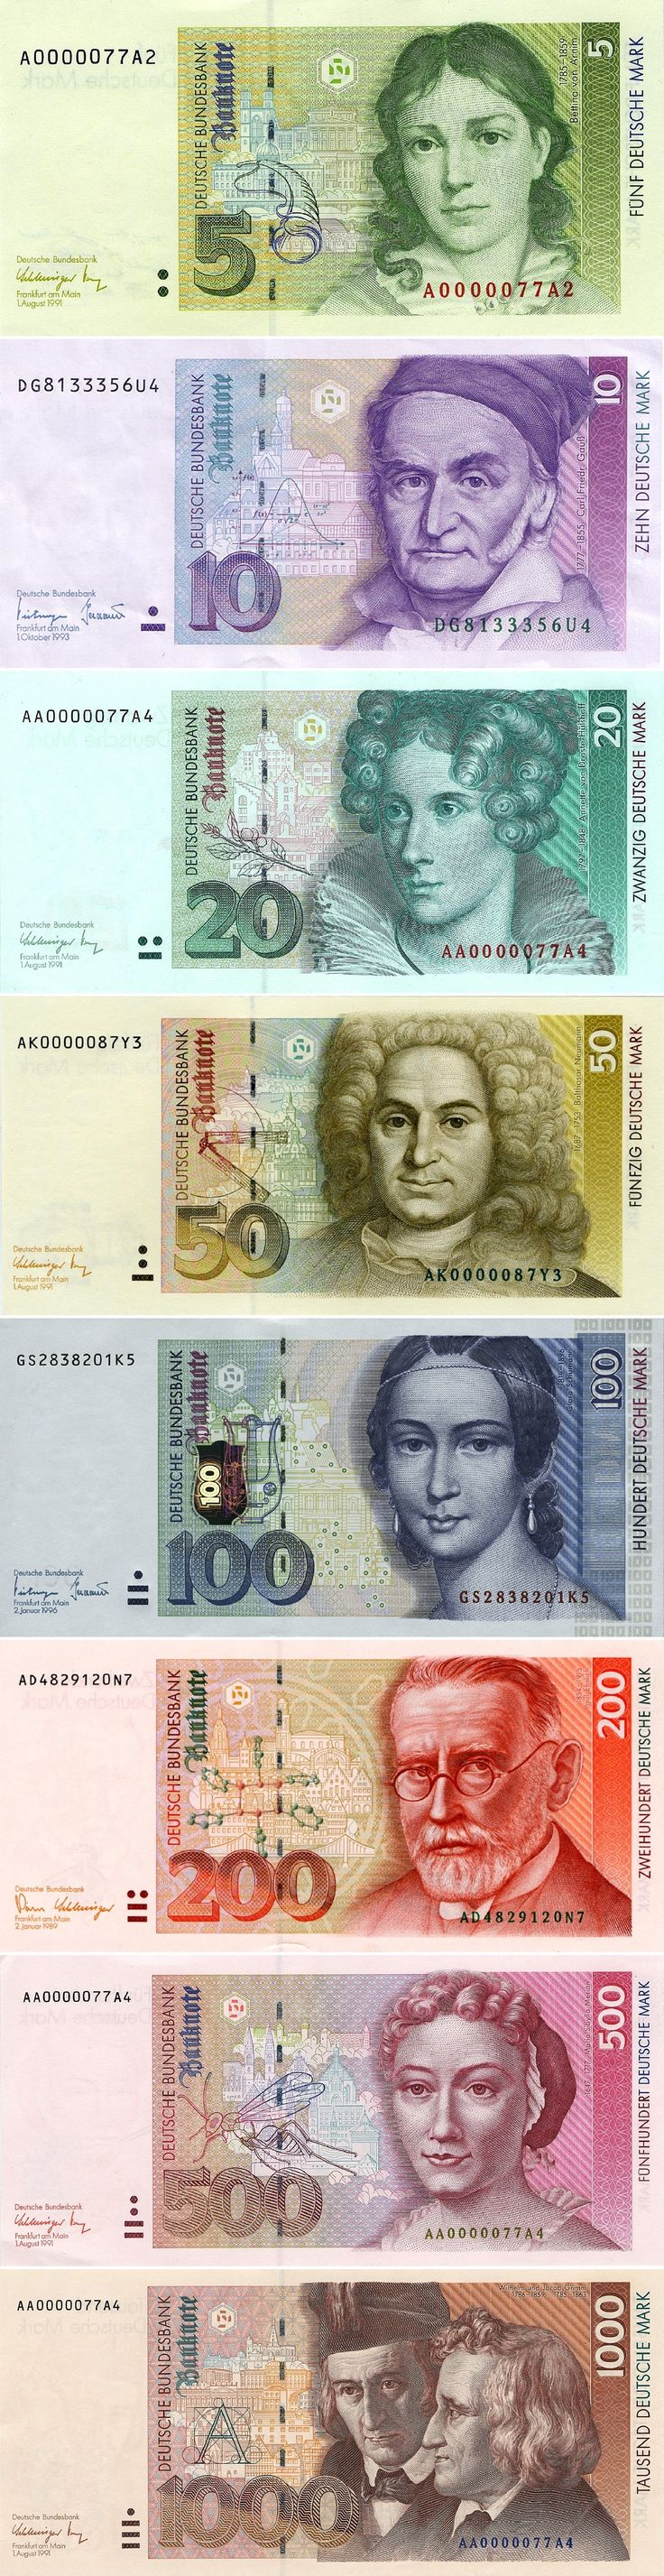 Die wunderschöne Deutsche Mark ! Das waren noch Zeiten